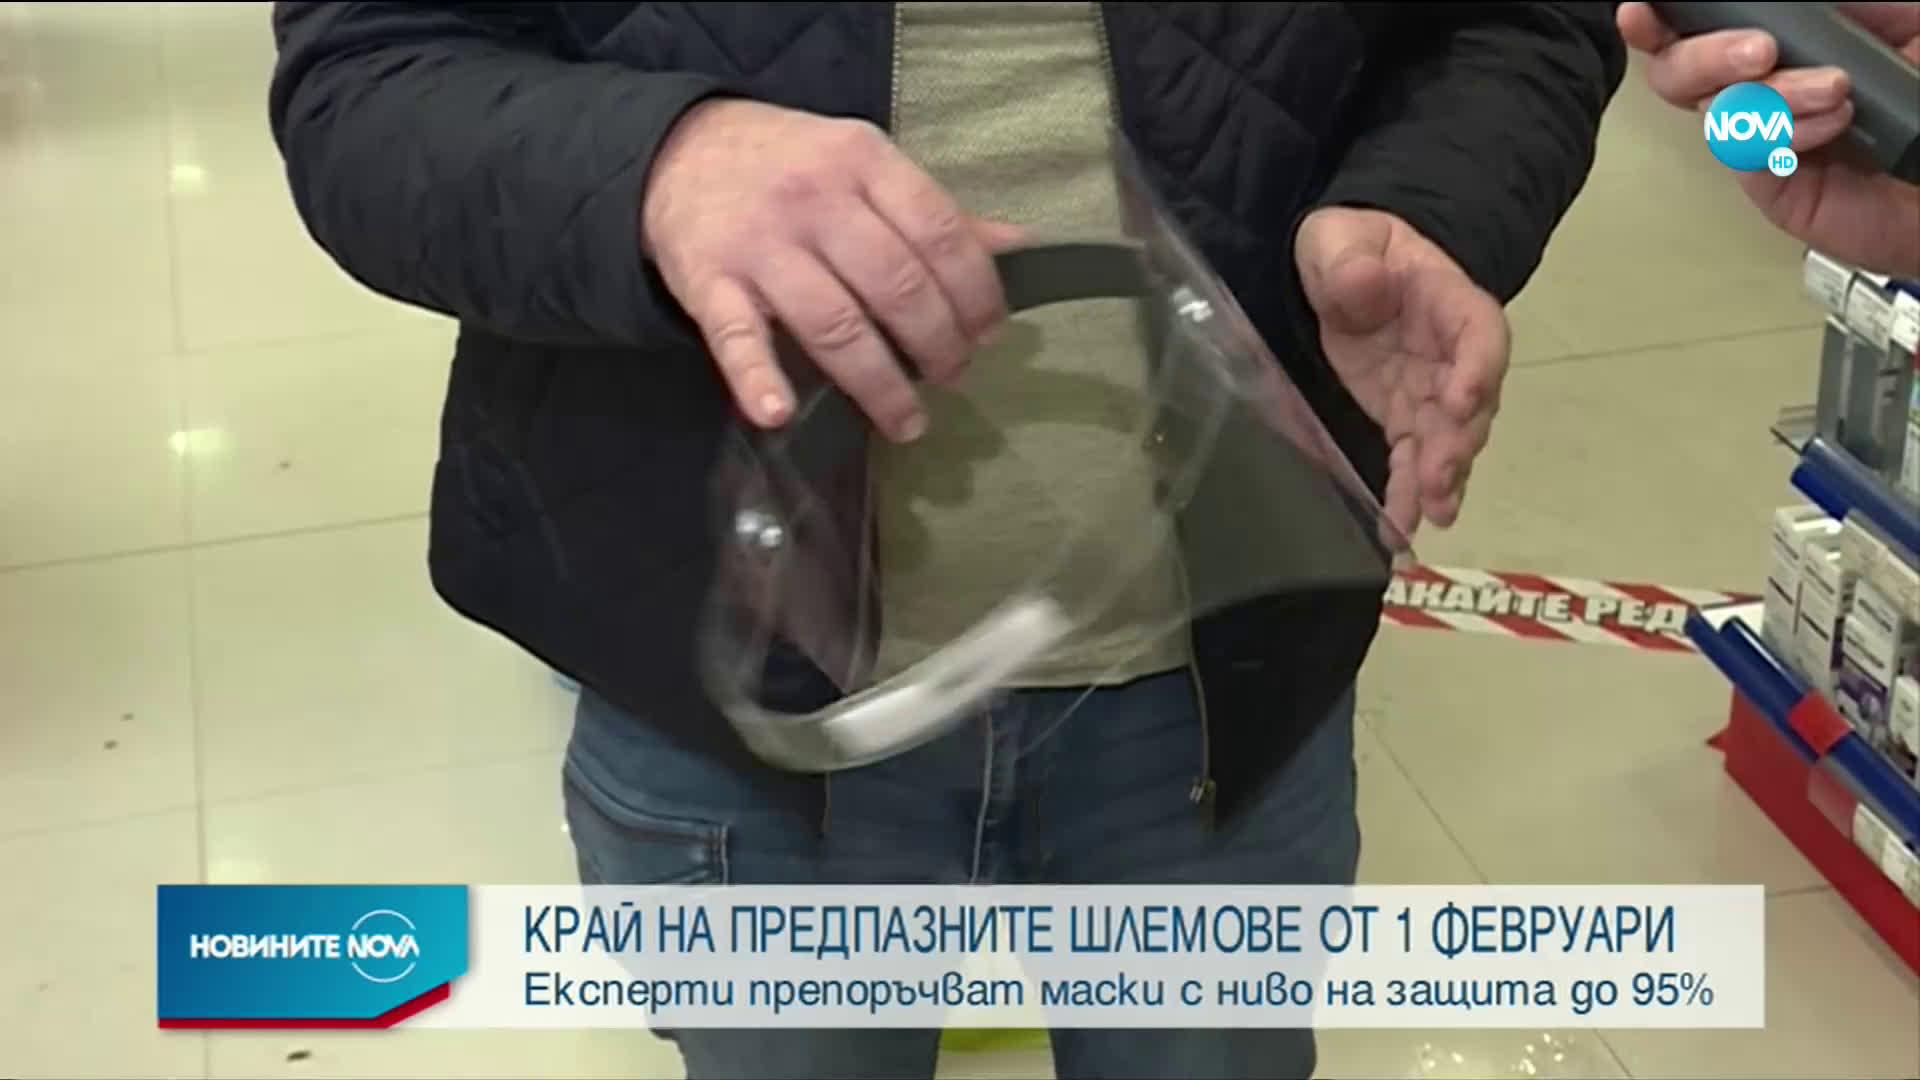 Забраняват предпазните шлемове и шалове на закрито от февруари